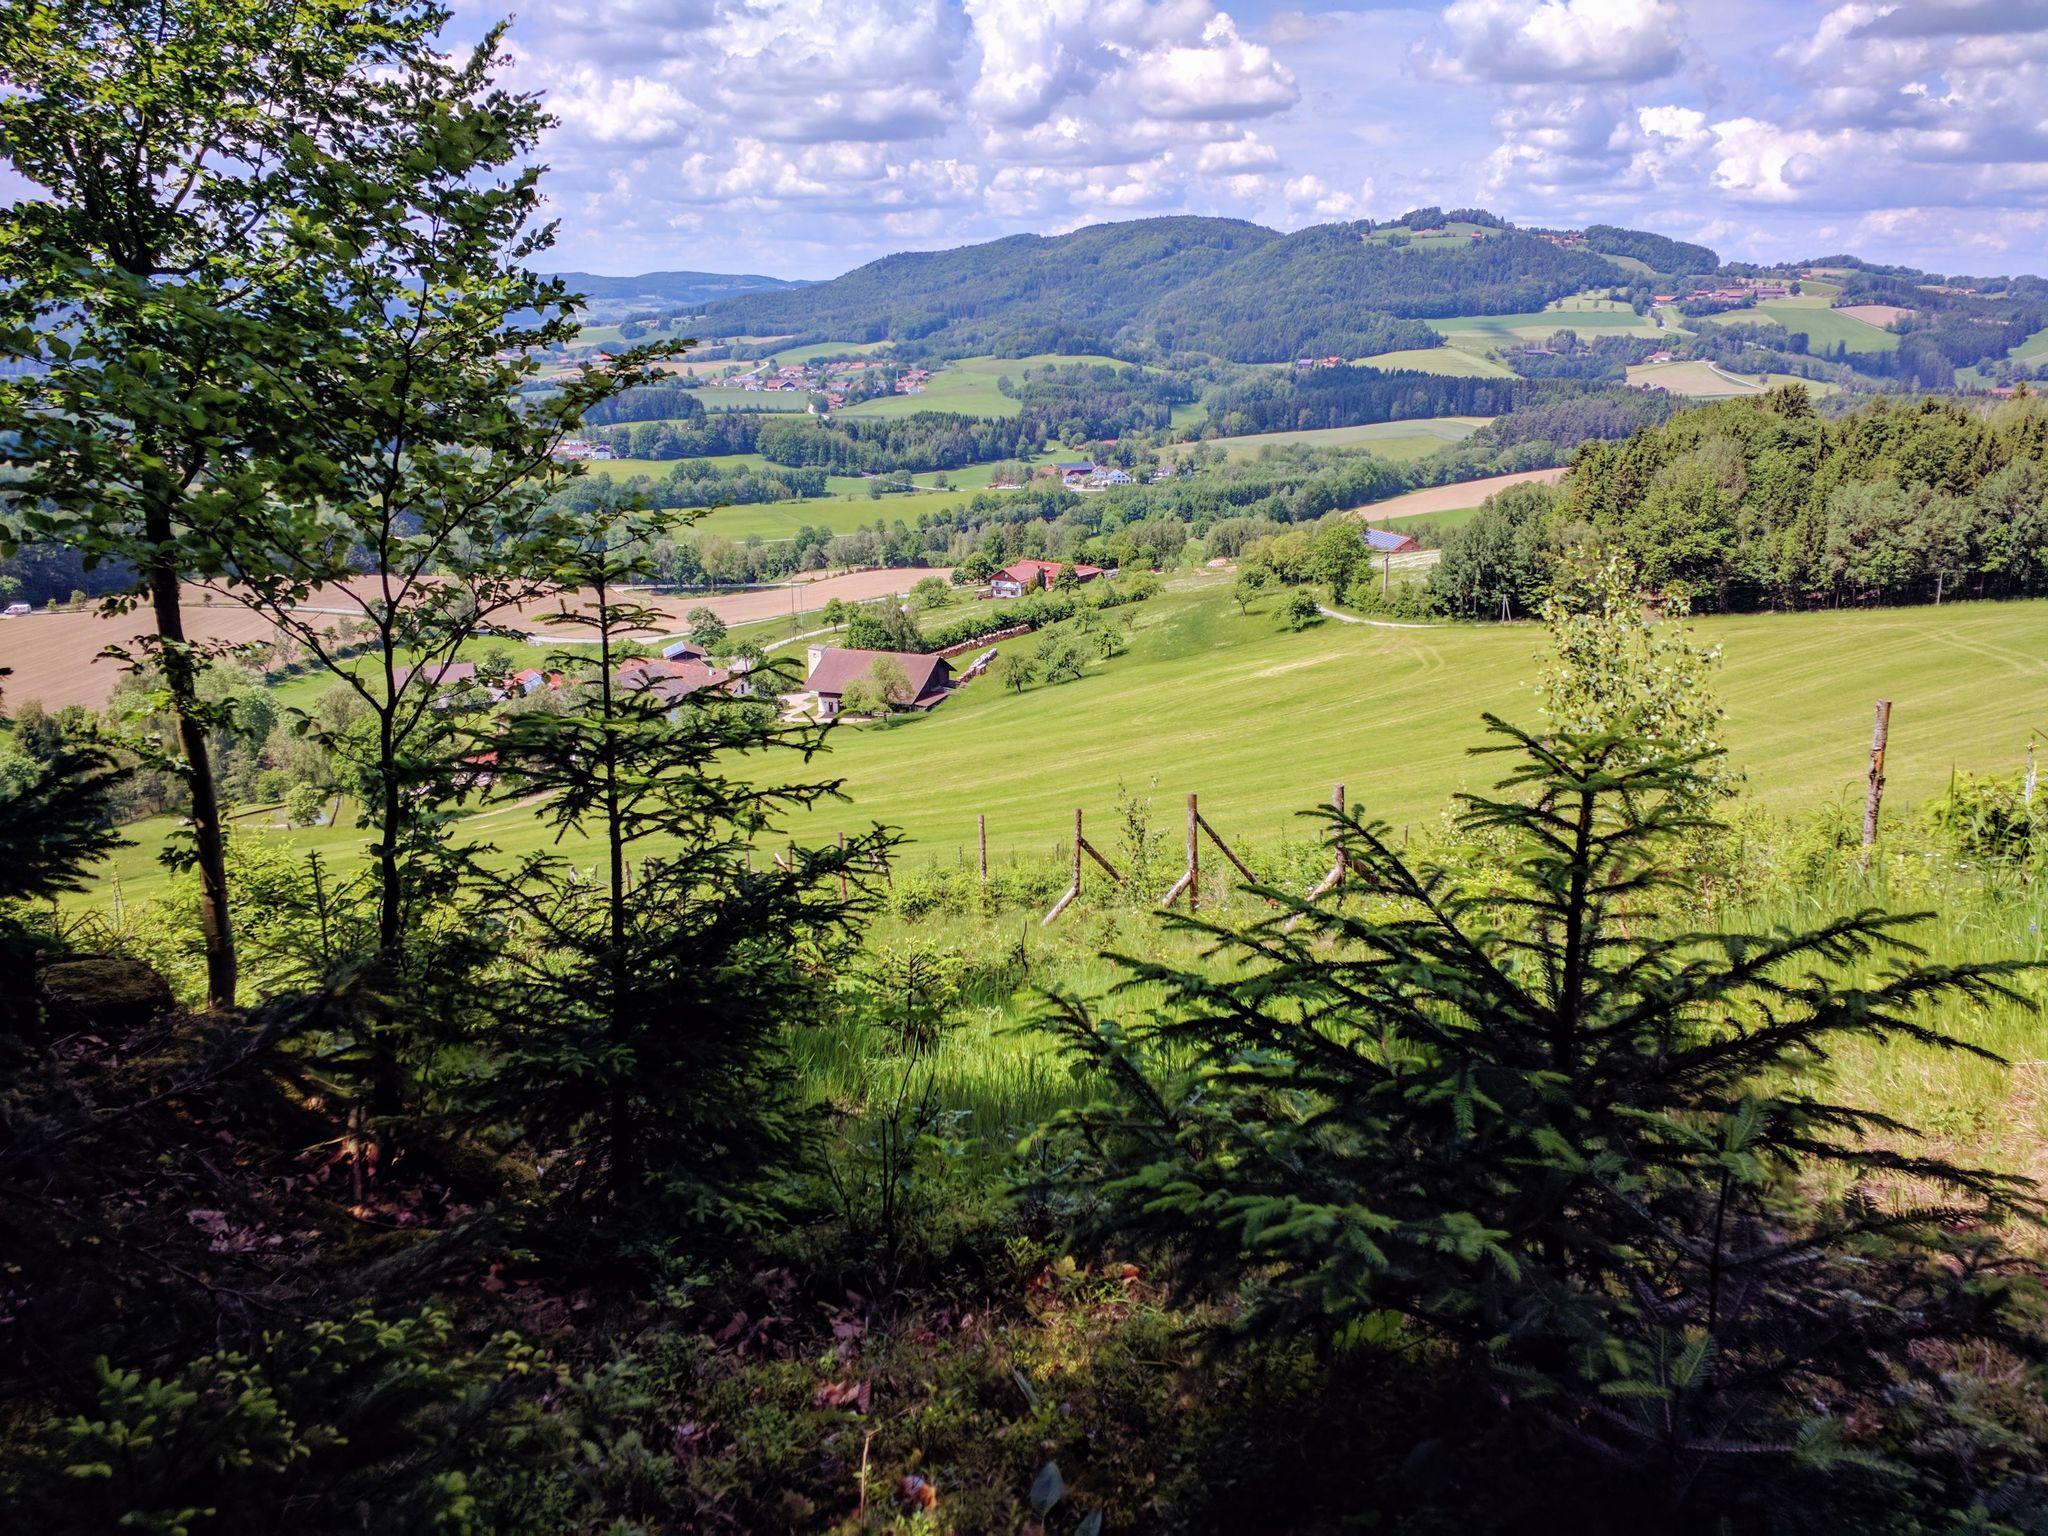 Trans Bayerwald - Der Schlussanstieg hat begonnen, Blick zurück auf Weingarten